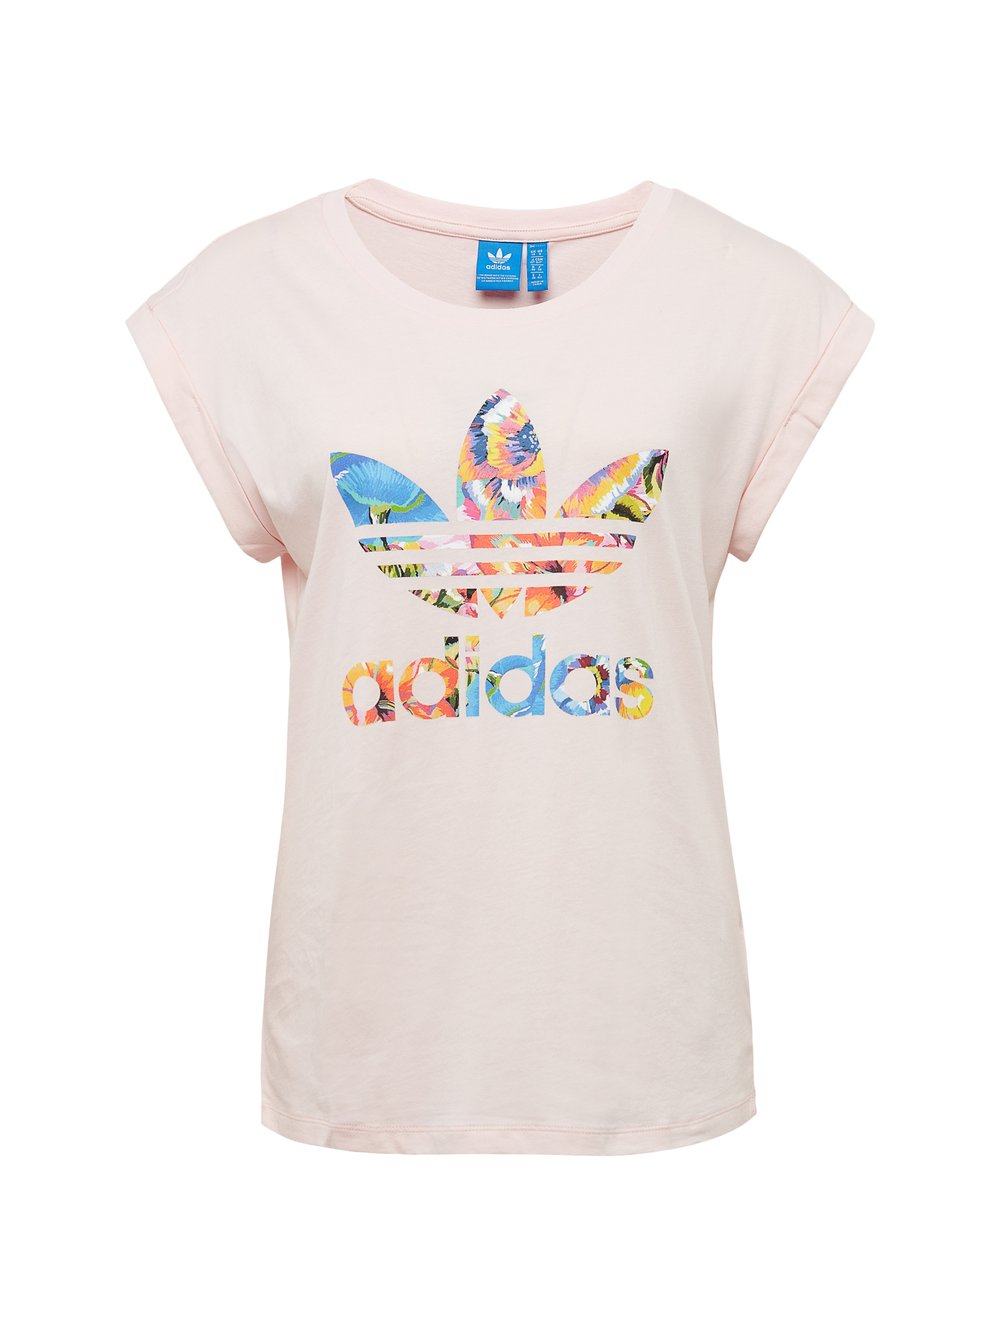 t shirt damski adidas biały | koszulki damskie z nadrukiem